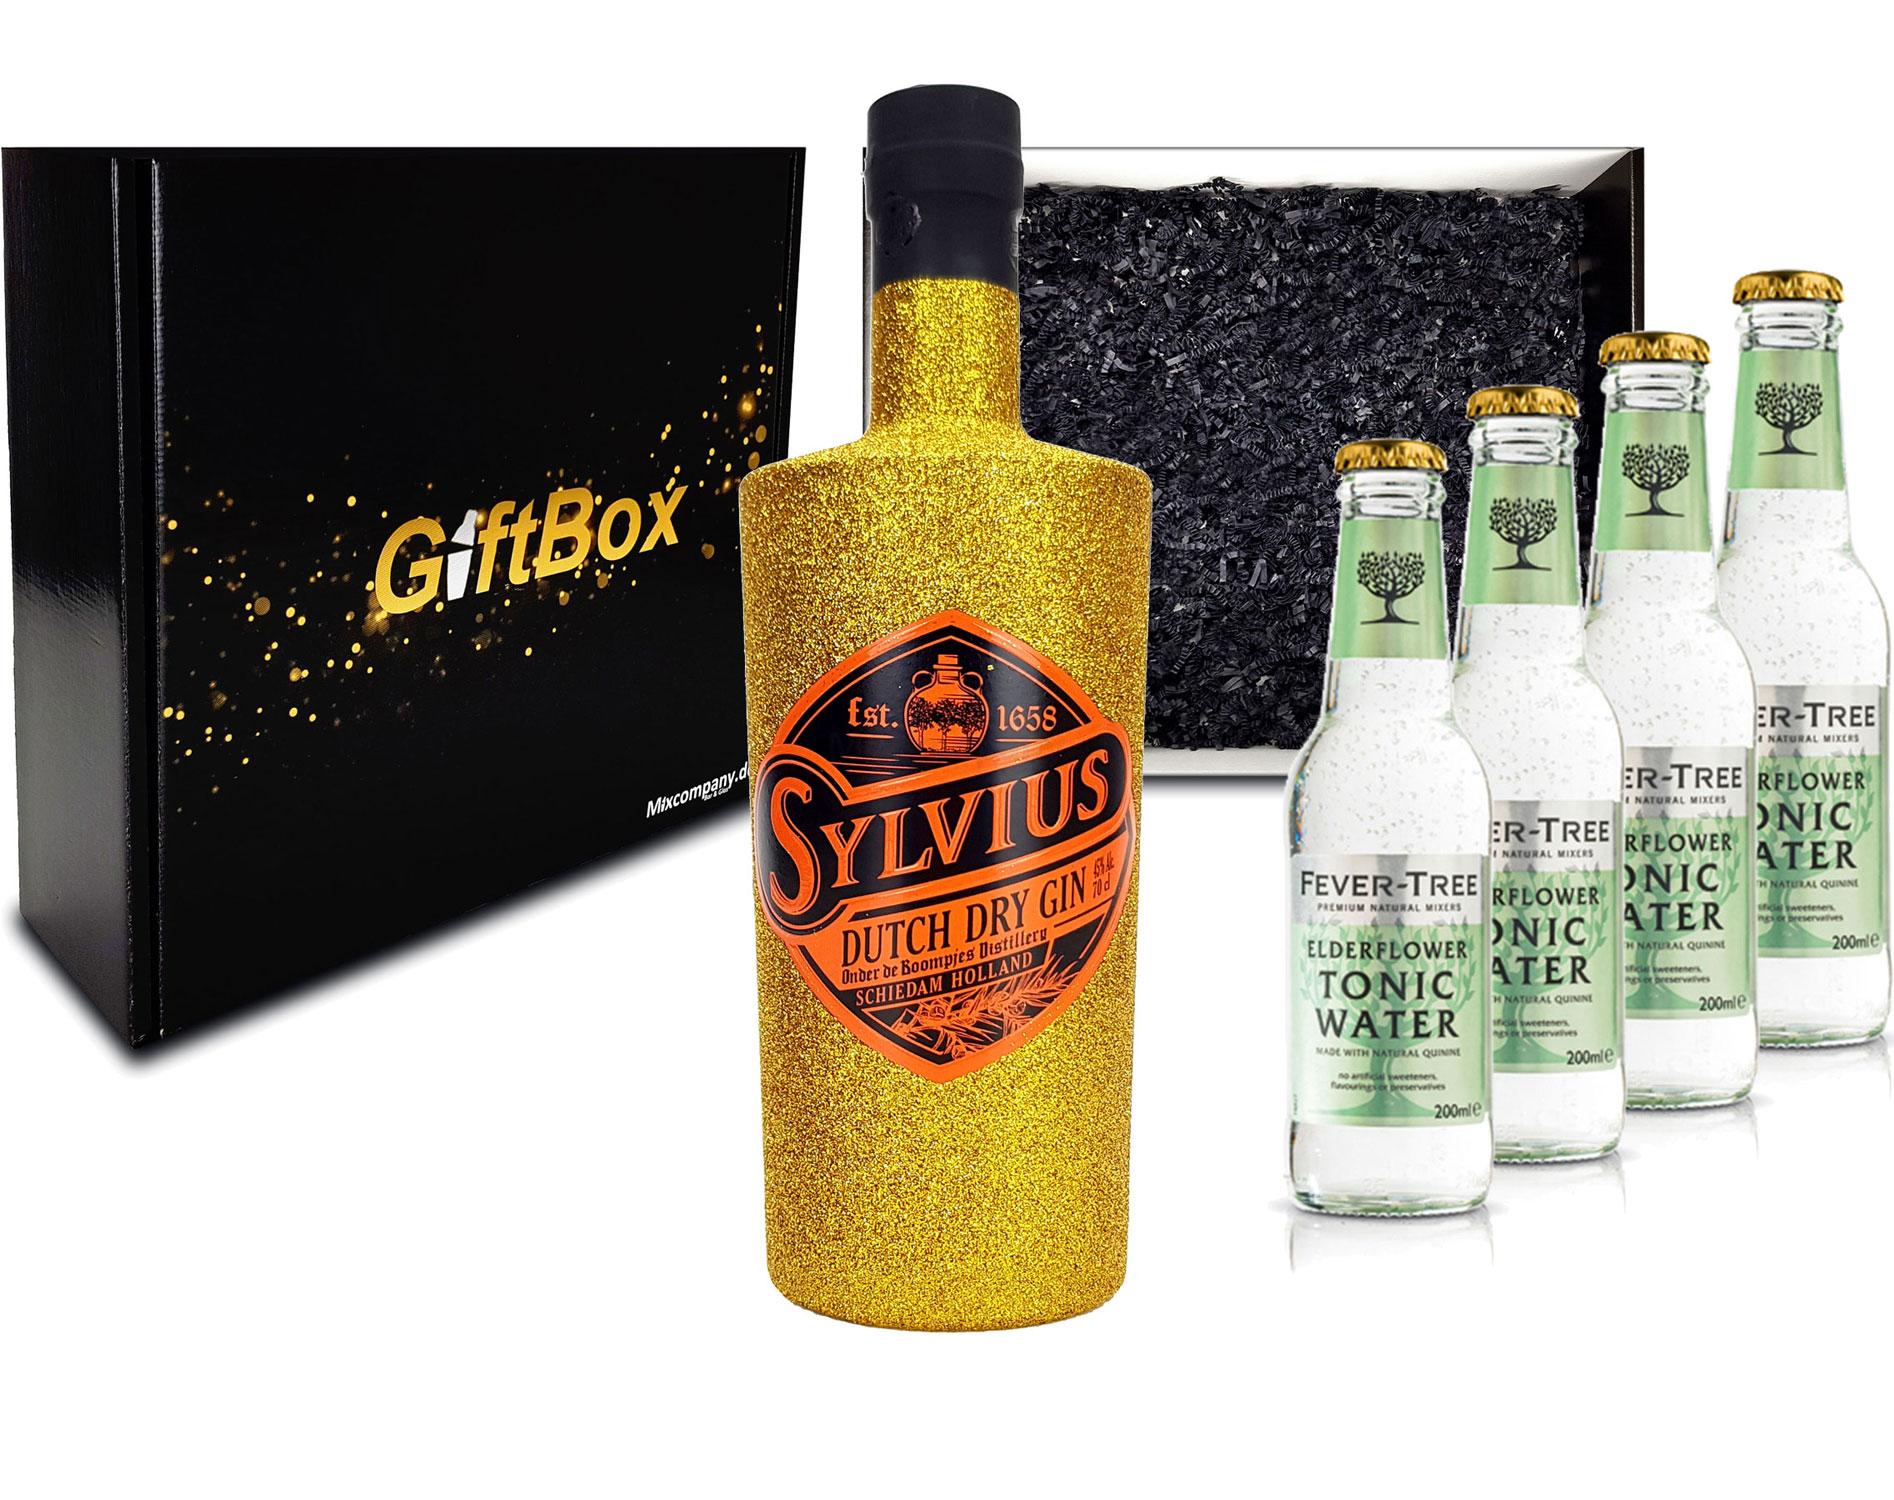 Gin Tonic Giftbox Geschenkset - Sylvius Dutch Gin Bling Bling Glitzerflasche Gold 0,7l 700ml (45% Vol) + 4x Fever Tree Elderflower Water 200ml inkl. Pfand MEHRWEG - [Enthält Sulfite]